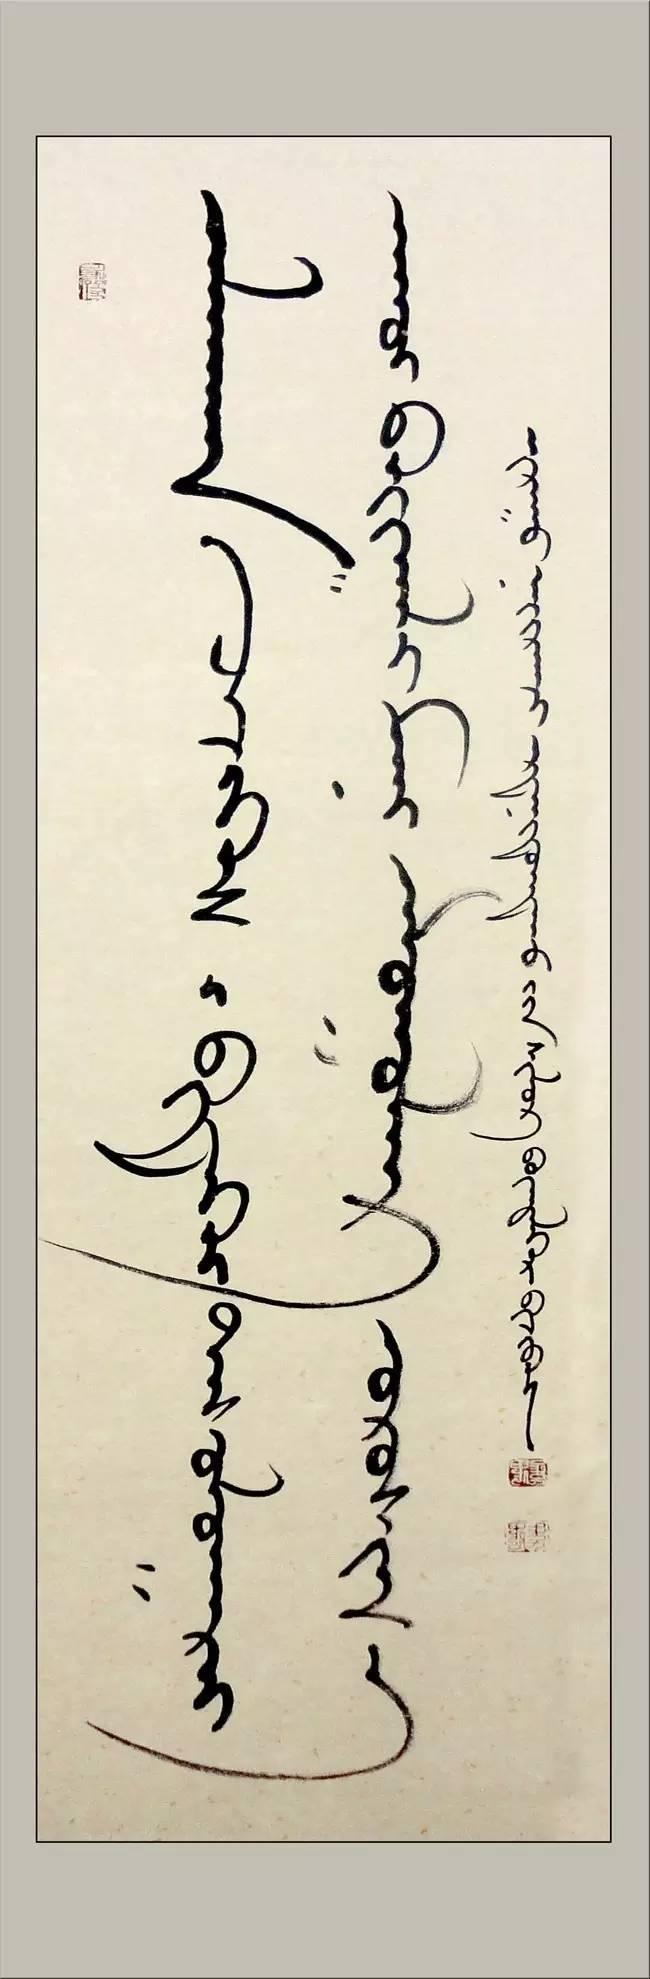 【纪实】蒙古书法的追寻着 —— 宝音德力格尔 第14张